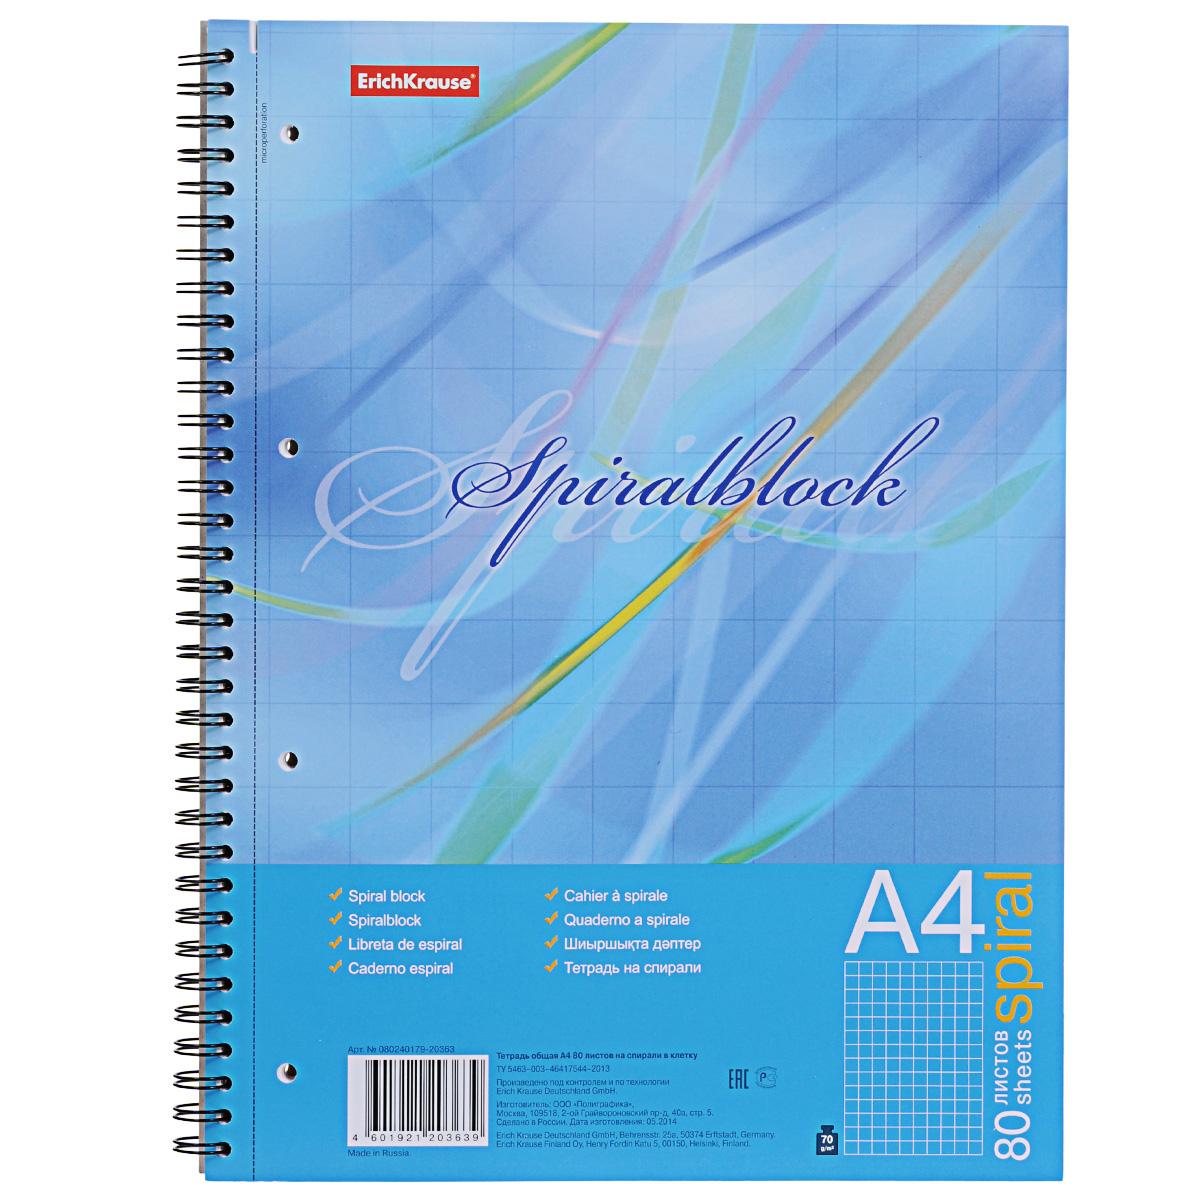 Erich Krause Тетрадь на спирали А4, 80л Spiral Block, цвет: синий20363Обложка:картон мелованный 170 г/м2. Блок: бумага офсетная 70 г/м2